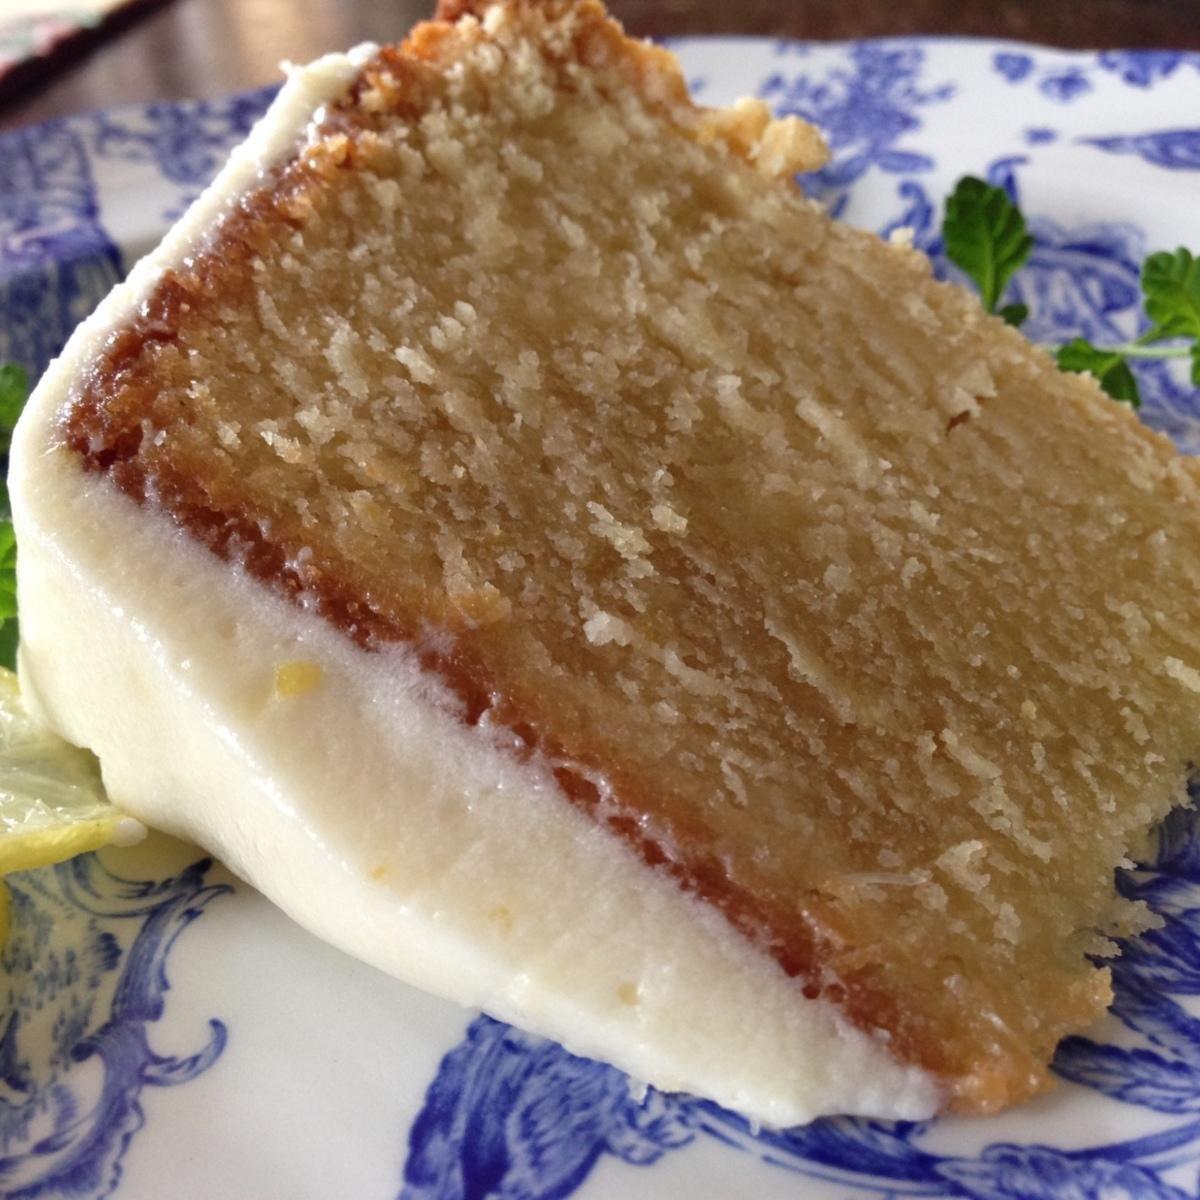 Vegan Cake Cream Cheese Frosting